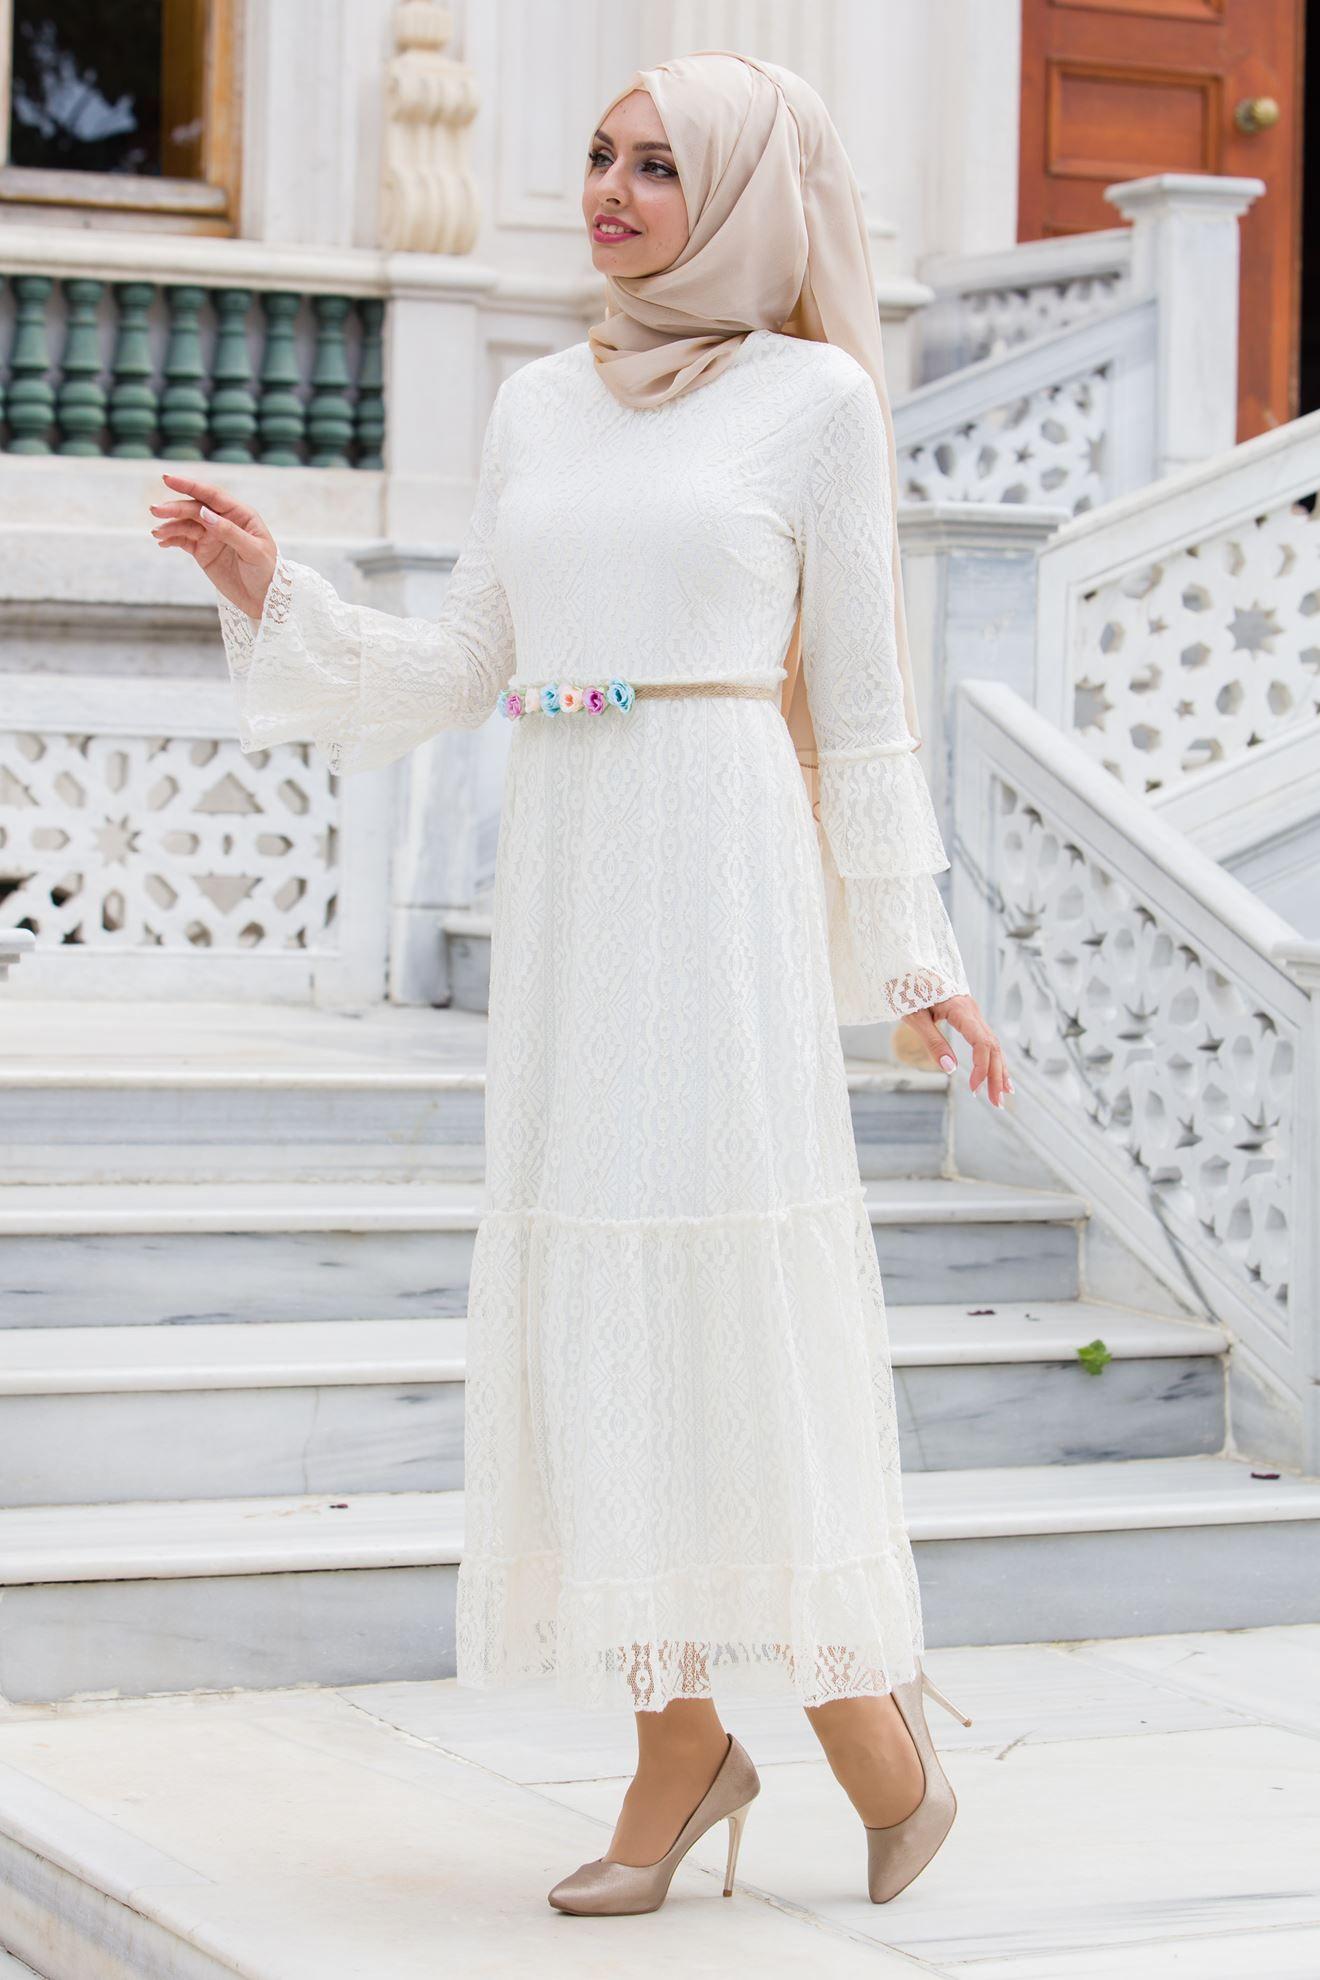 Sedanur Tesettur Dantelli Elbise Modelleri Elbise Modelleri Elbise The Dress